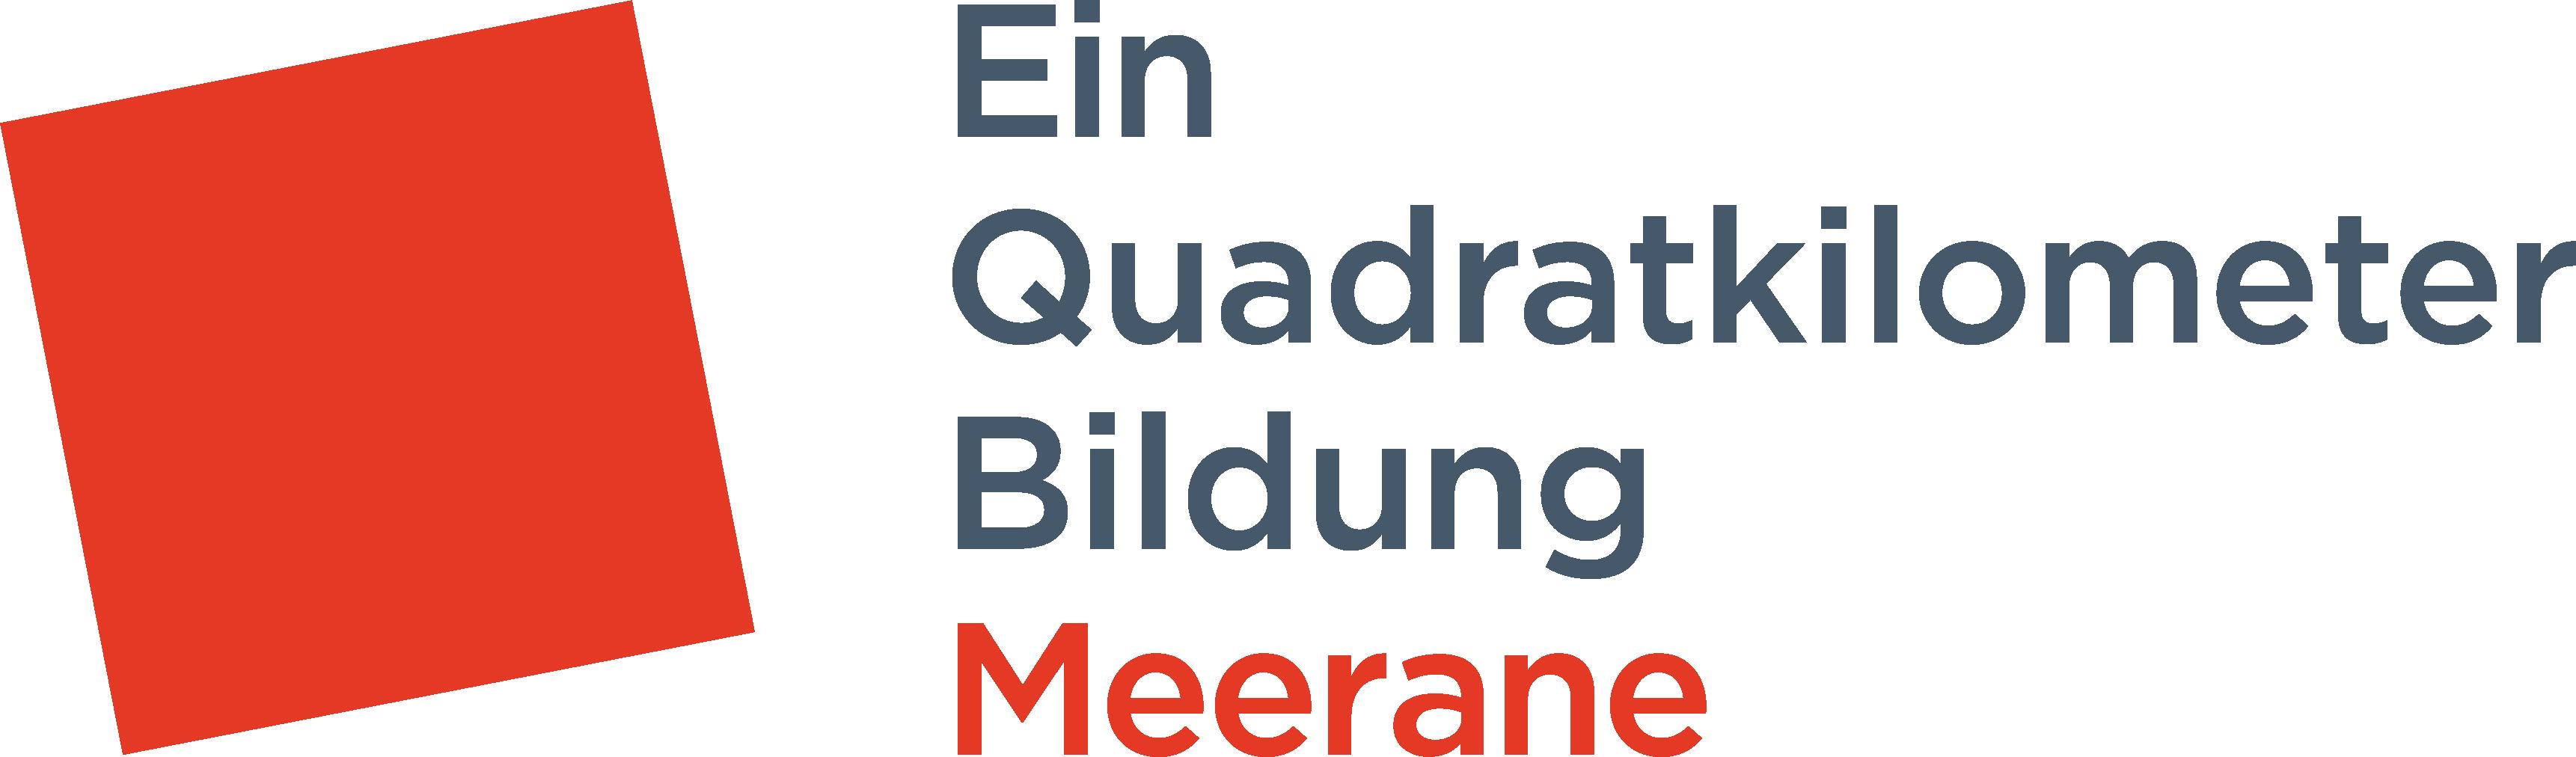 Km2-Logo Meerane in Club ist dabei beim Digitaltag 2021